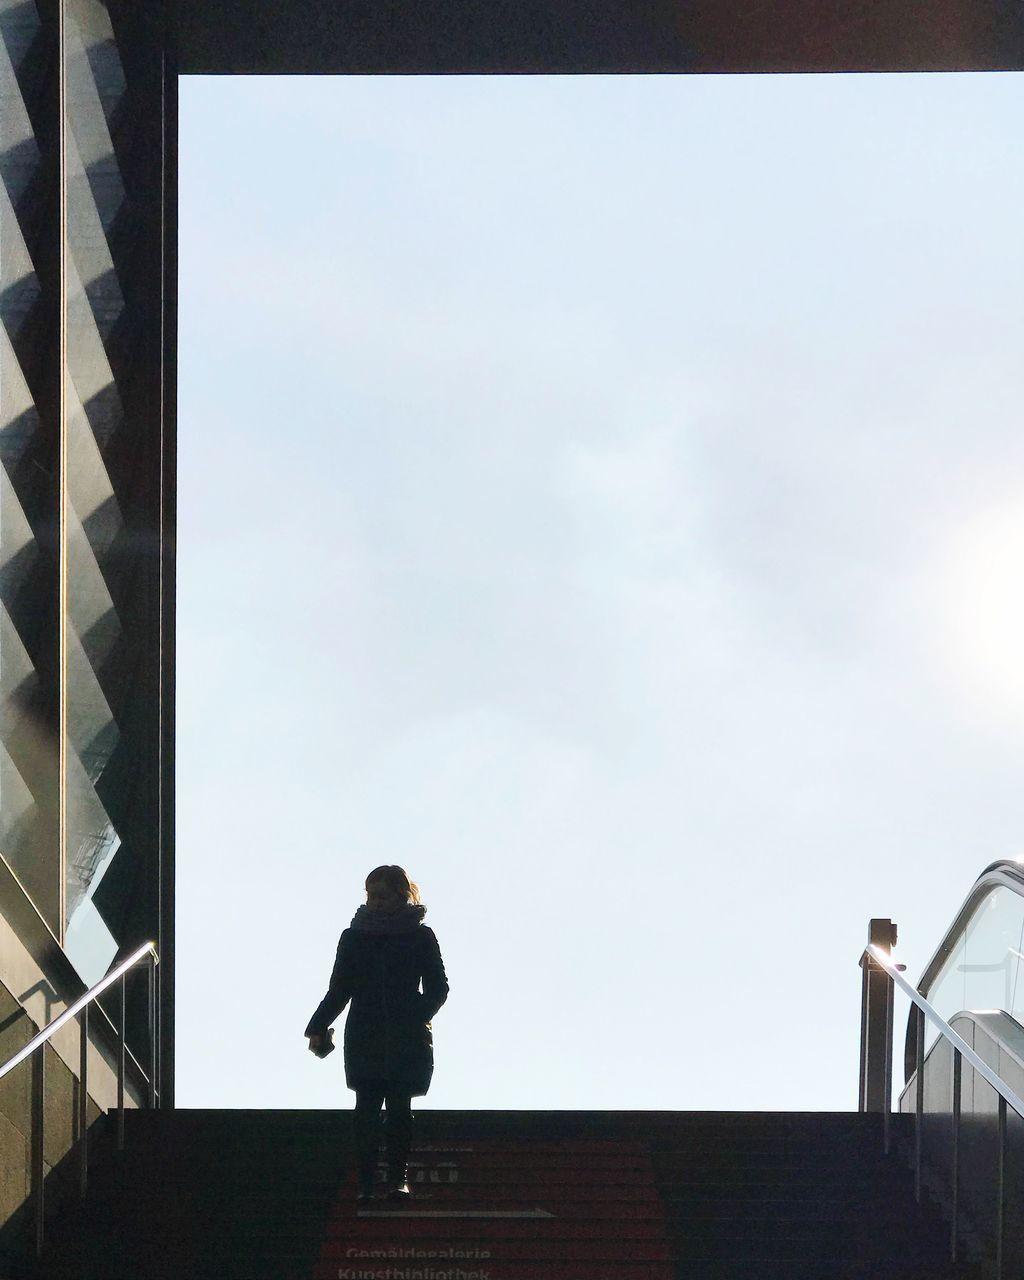 FULL LENGTH OF MAN WALKING AGAINST SKY